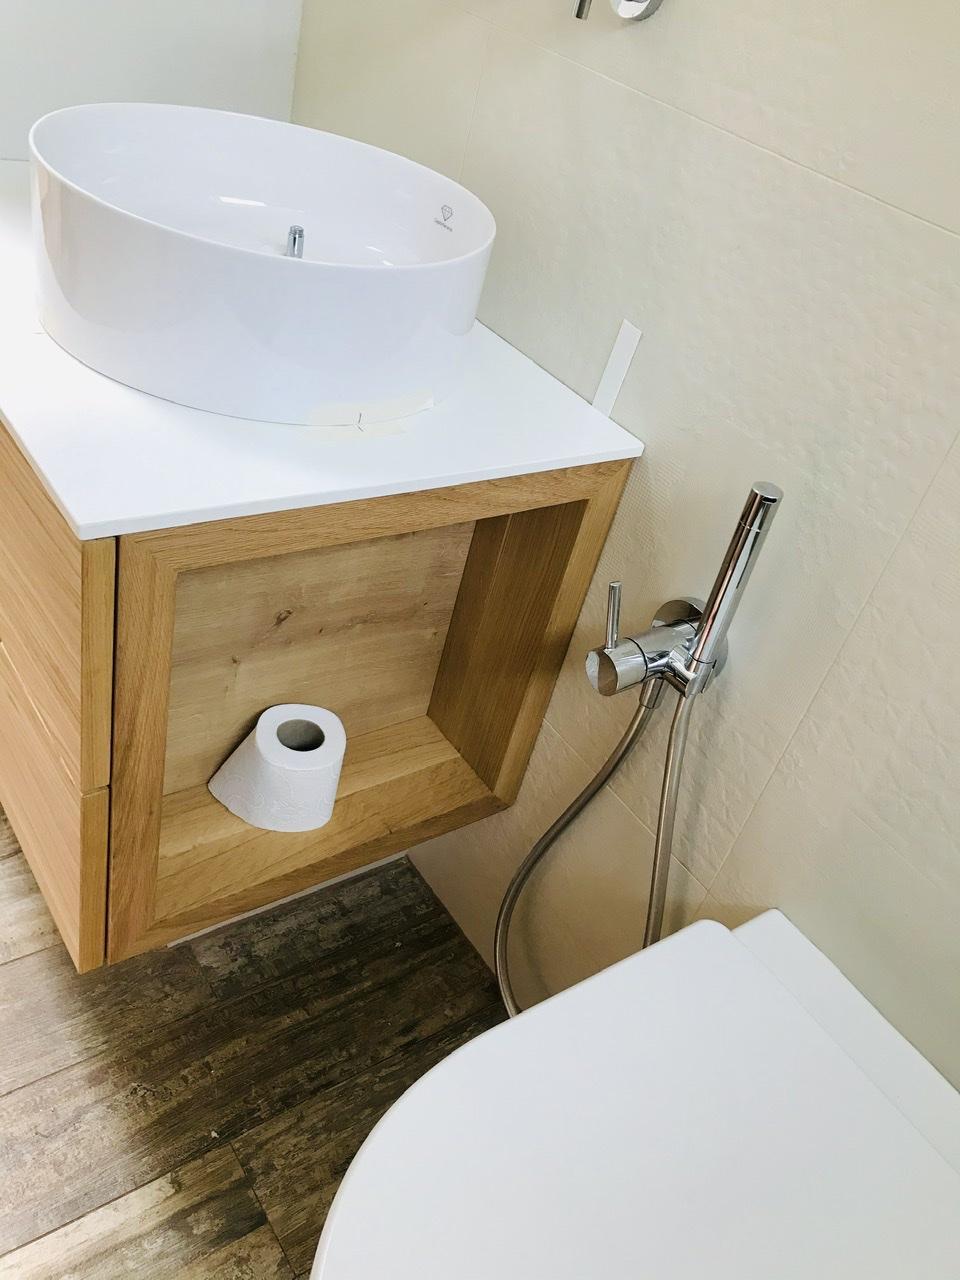 Naše L-ko - 2021 - stále dokončujeme - Malá kúpeľňa dokončovanie - dubová skrinka namieru s bočnou zapustenou poličkou